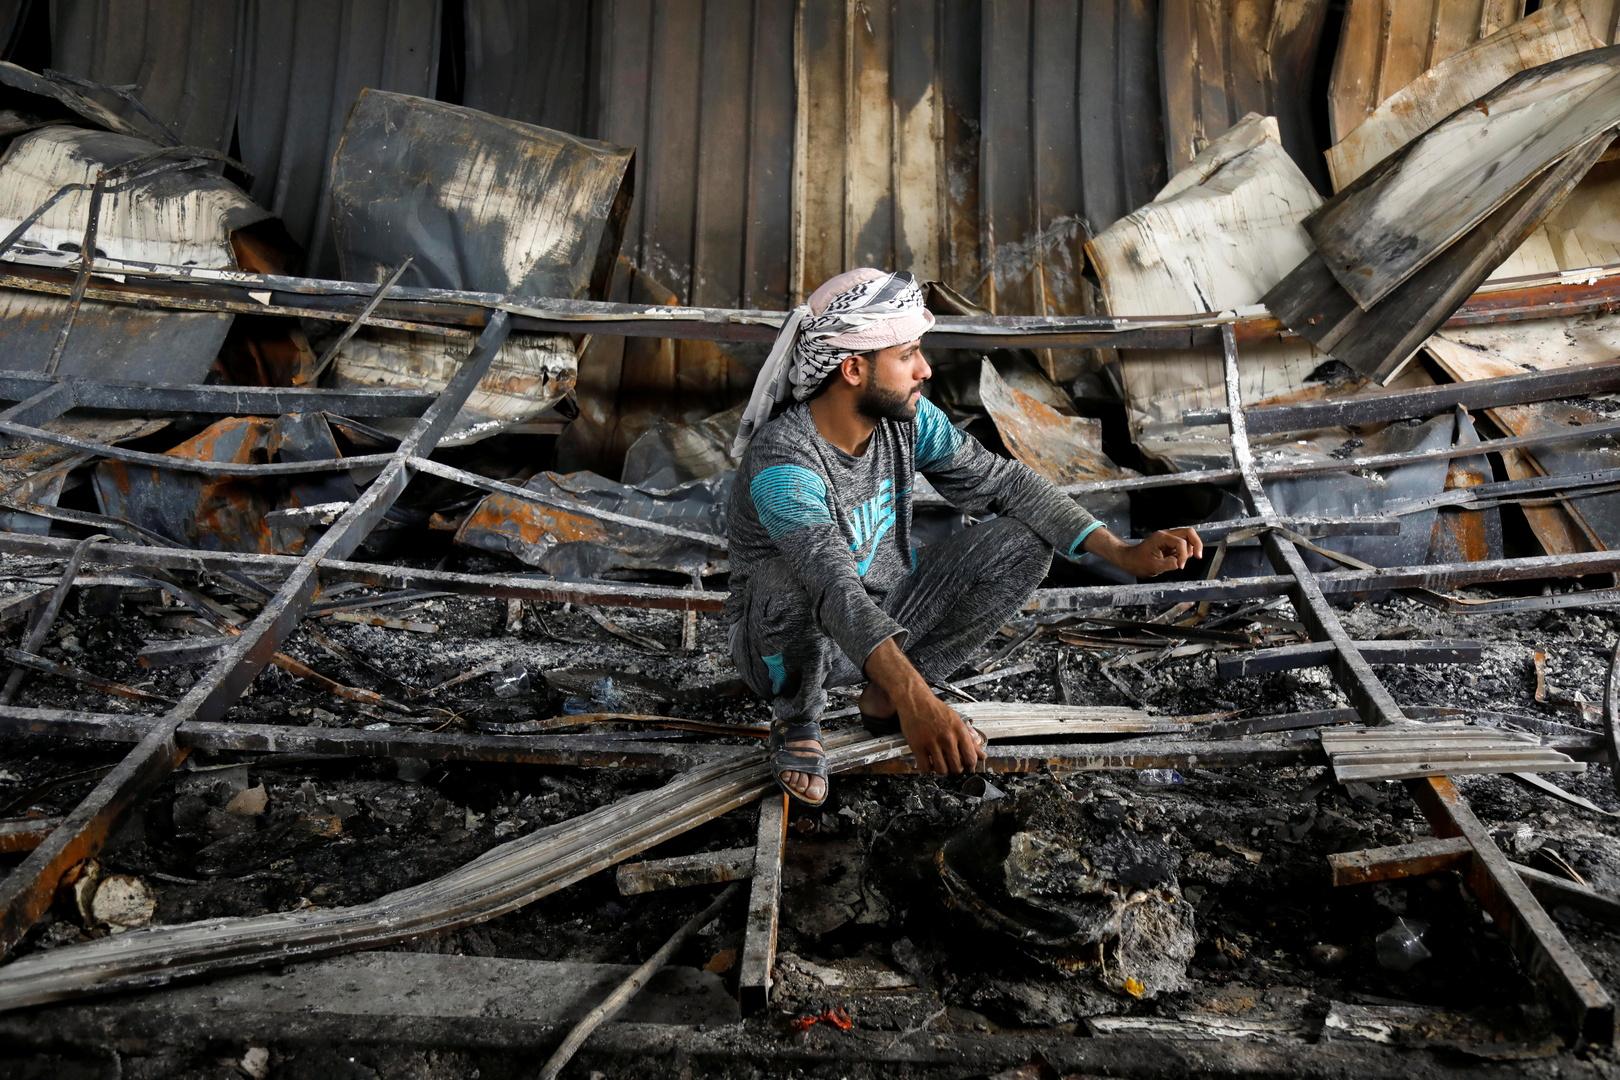 وزارة الصحة العراقية تعلن الحصيلة الرسمية لضحايا حريق مستشفى الحسين التعليمي